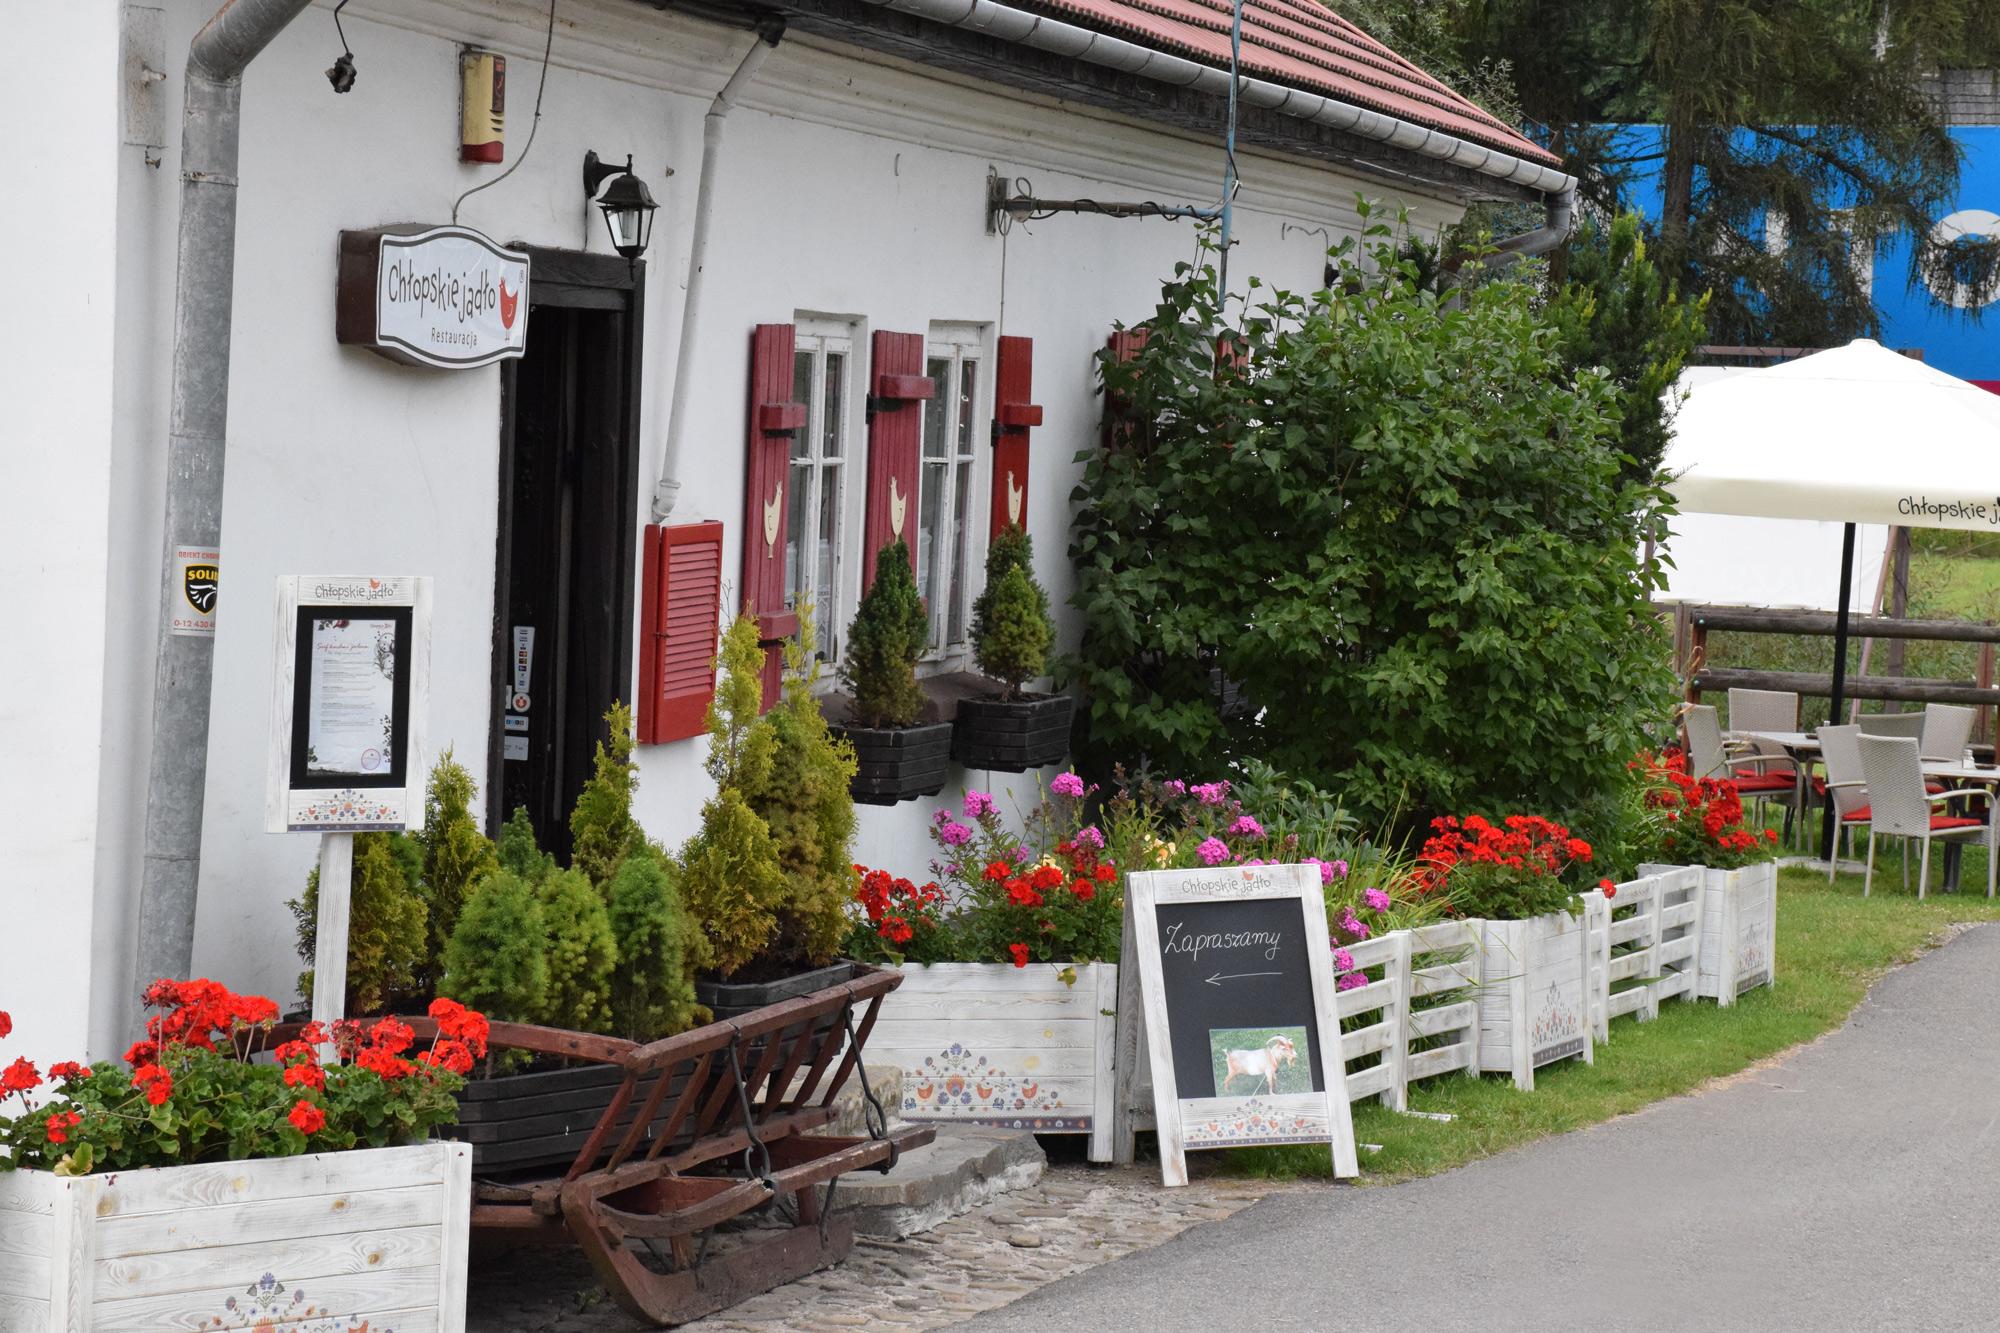 Restauracja franczyzowa Chłopskie Jadło